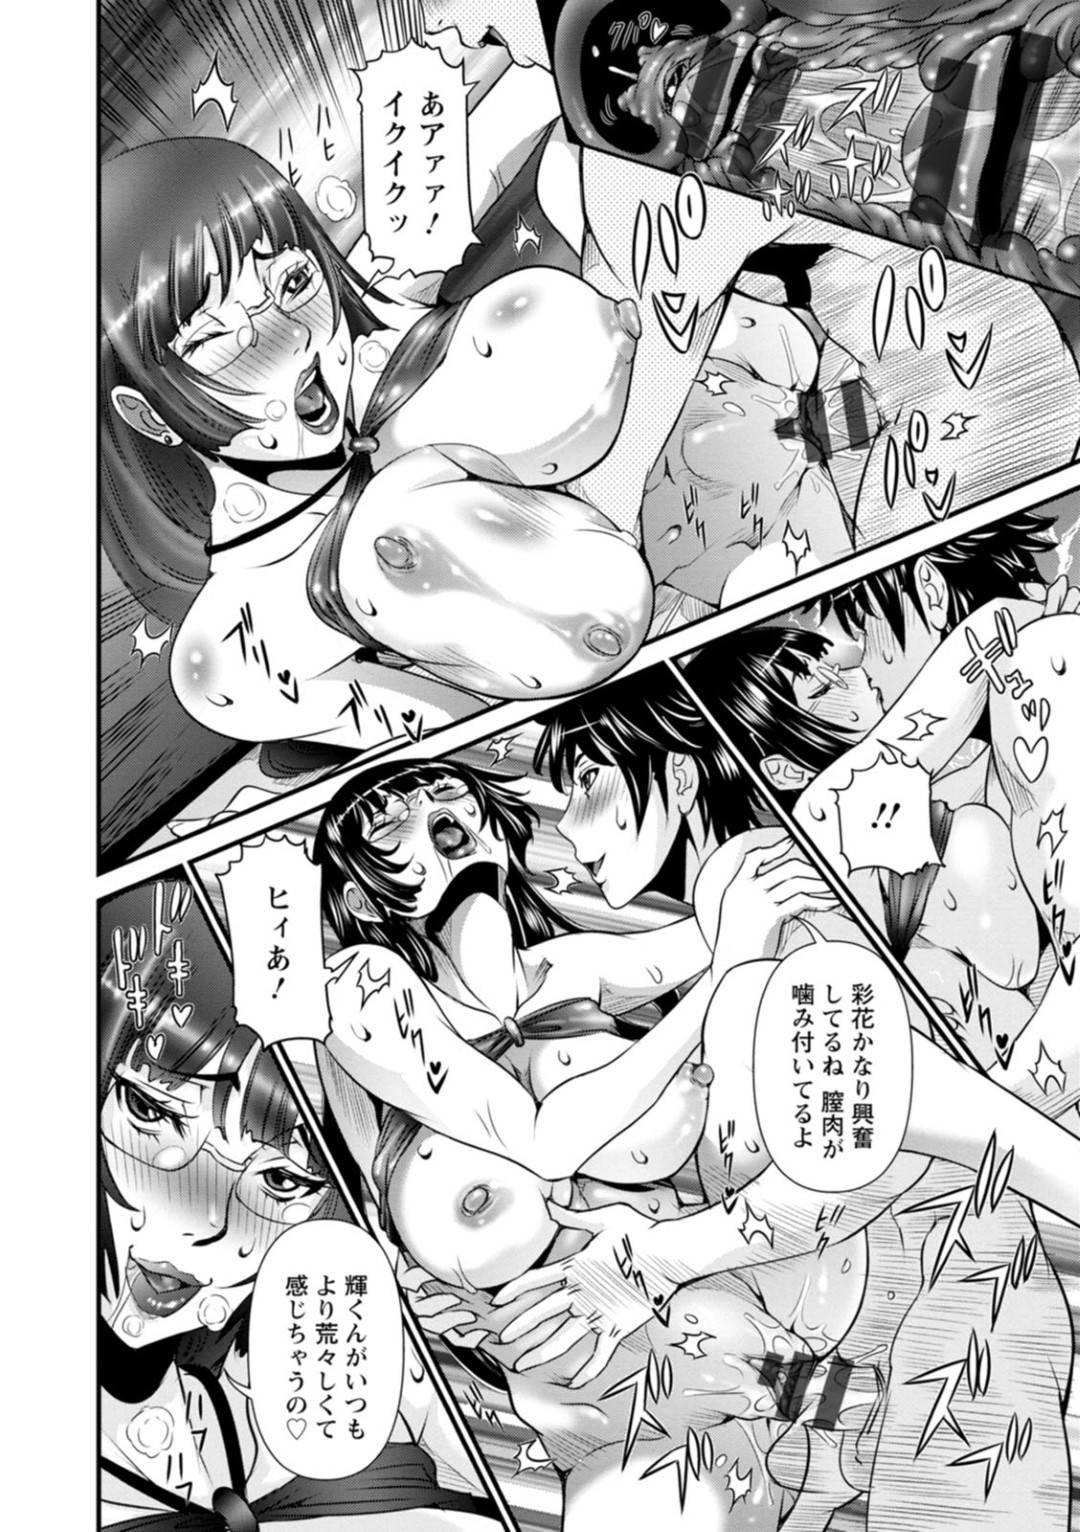 【エロ漫画】シークレットセックスルームのメンバーでバカンスに訪れたお姉さん達…する事はバカンス先でも同じで、トイレやベッドで乱交中出しセックスしまくる。【笑花偽:SSR シークレットセックスルーム~Part.8 そして…~】